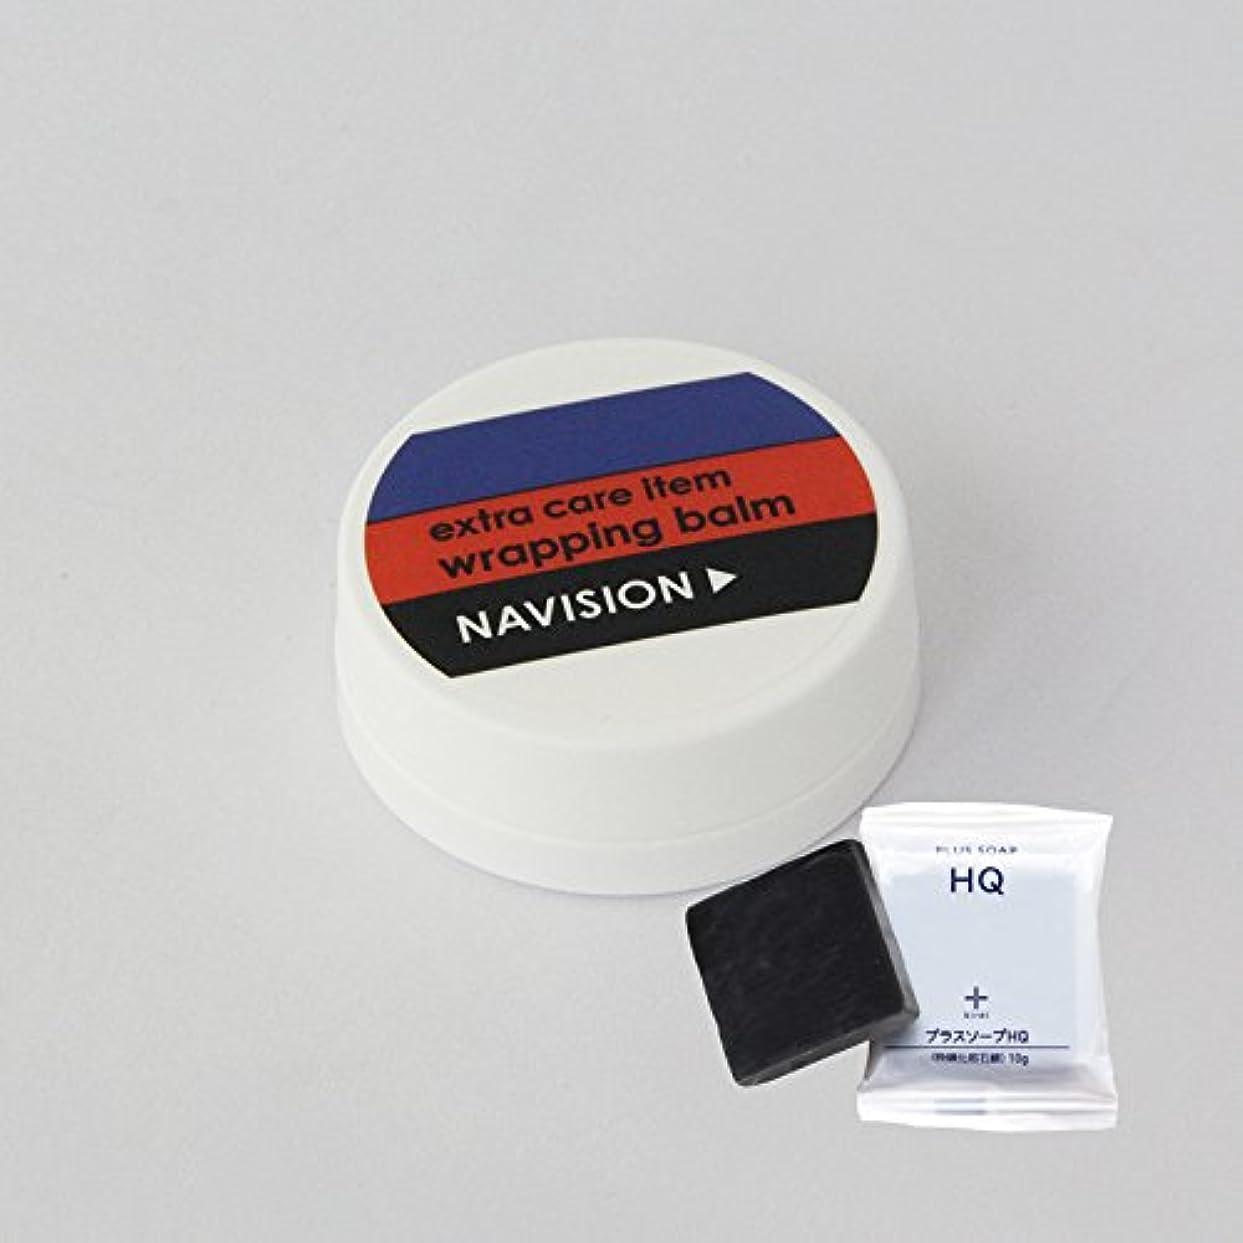 とても多くの電子レンジ繰り返すナビジョン NAVISION ラッピングバーム 5g + プラスキレイ プラスソープHQミニ